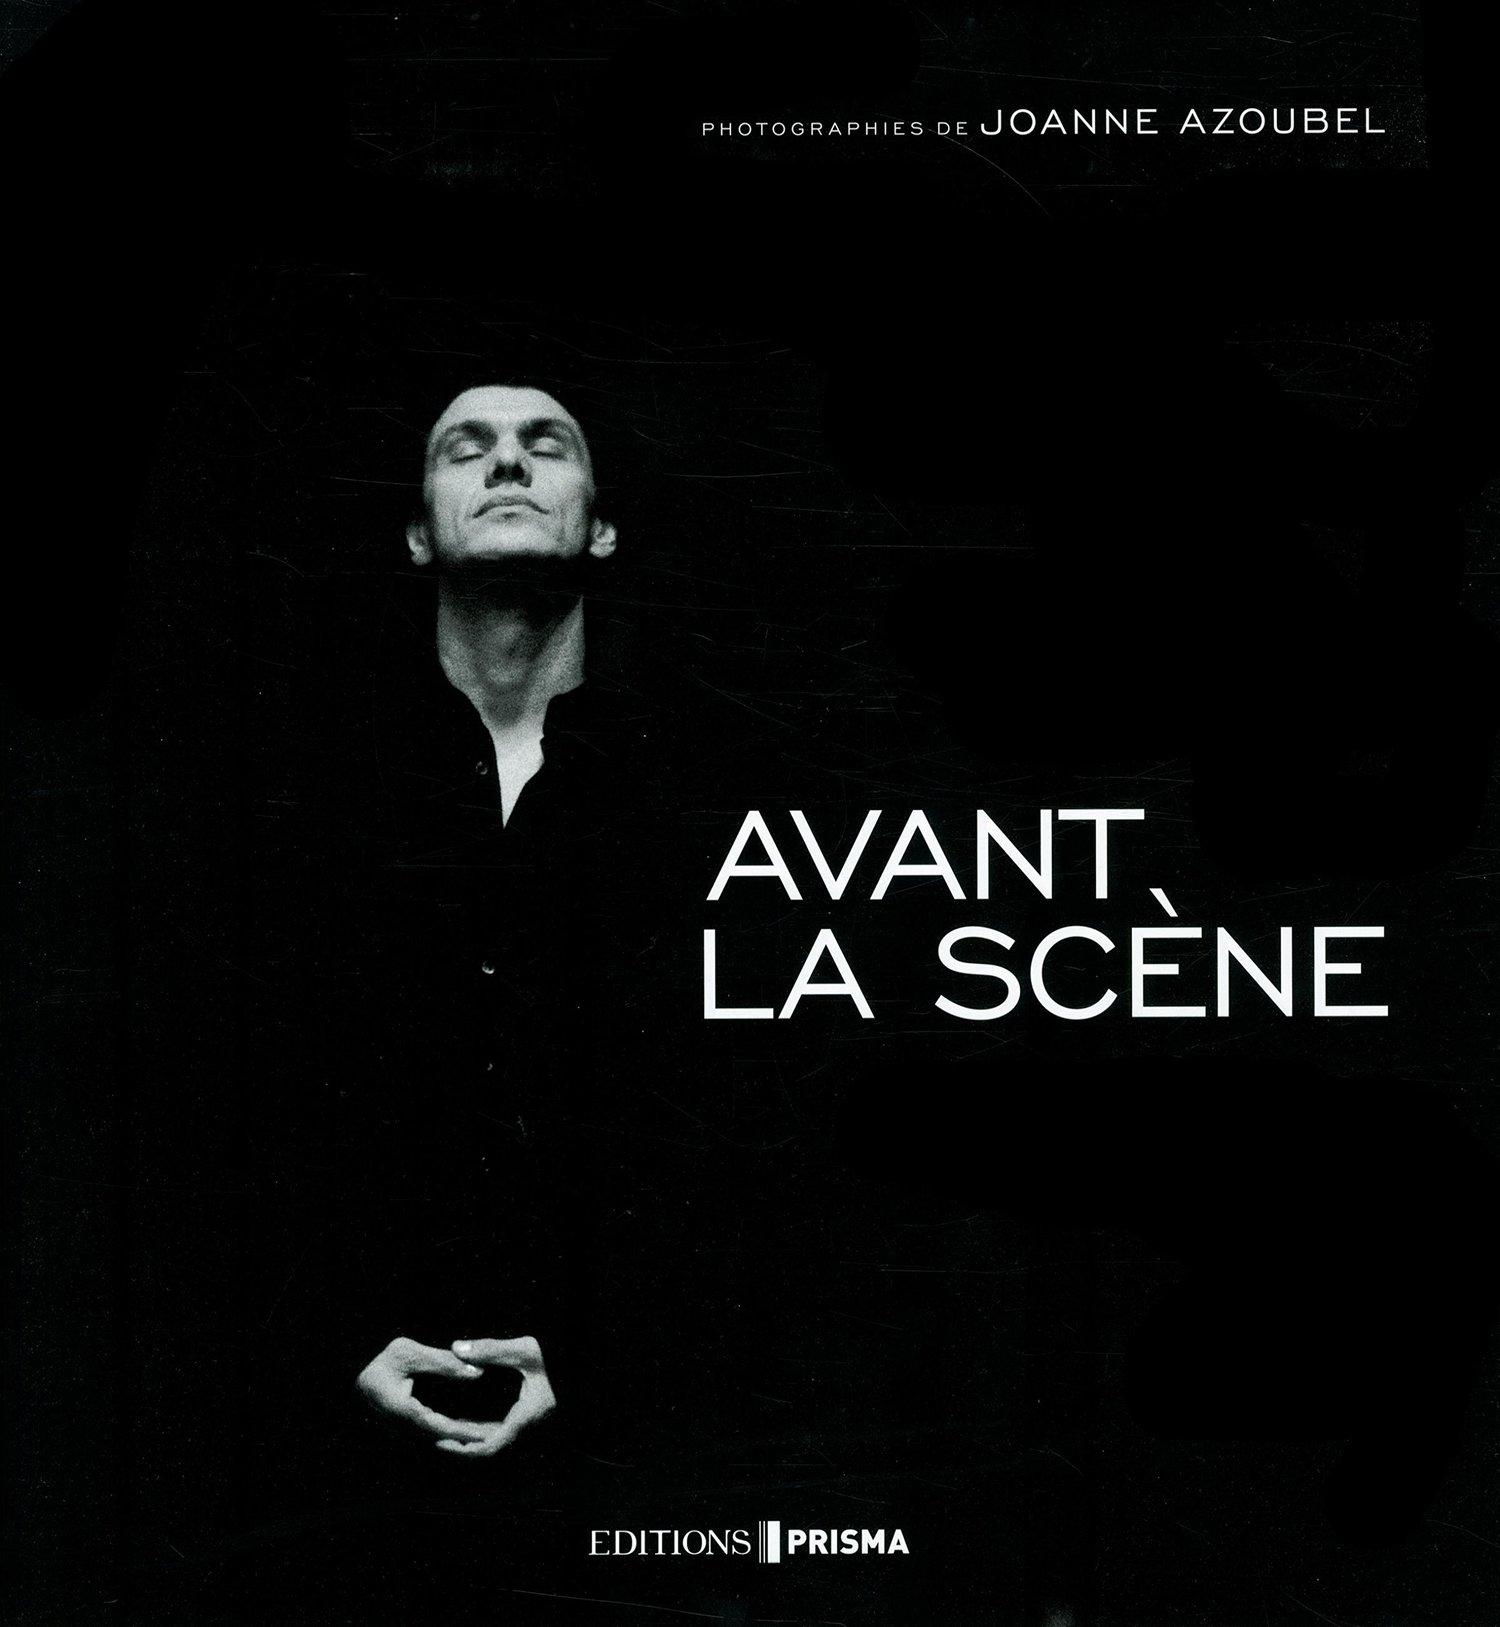 Image of AVANT LA SCENE de Joanne Azoubel/ EDITIONS PRISMA